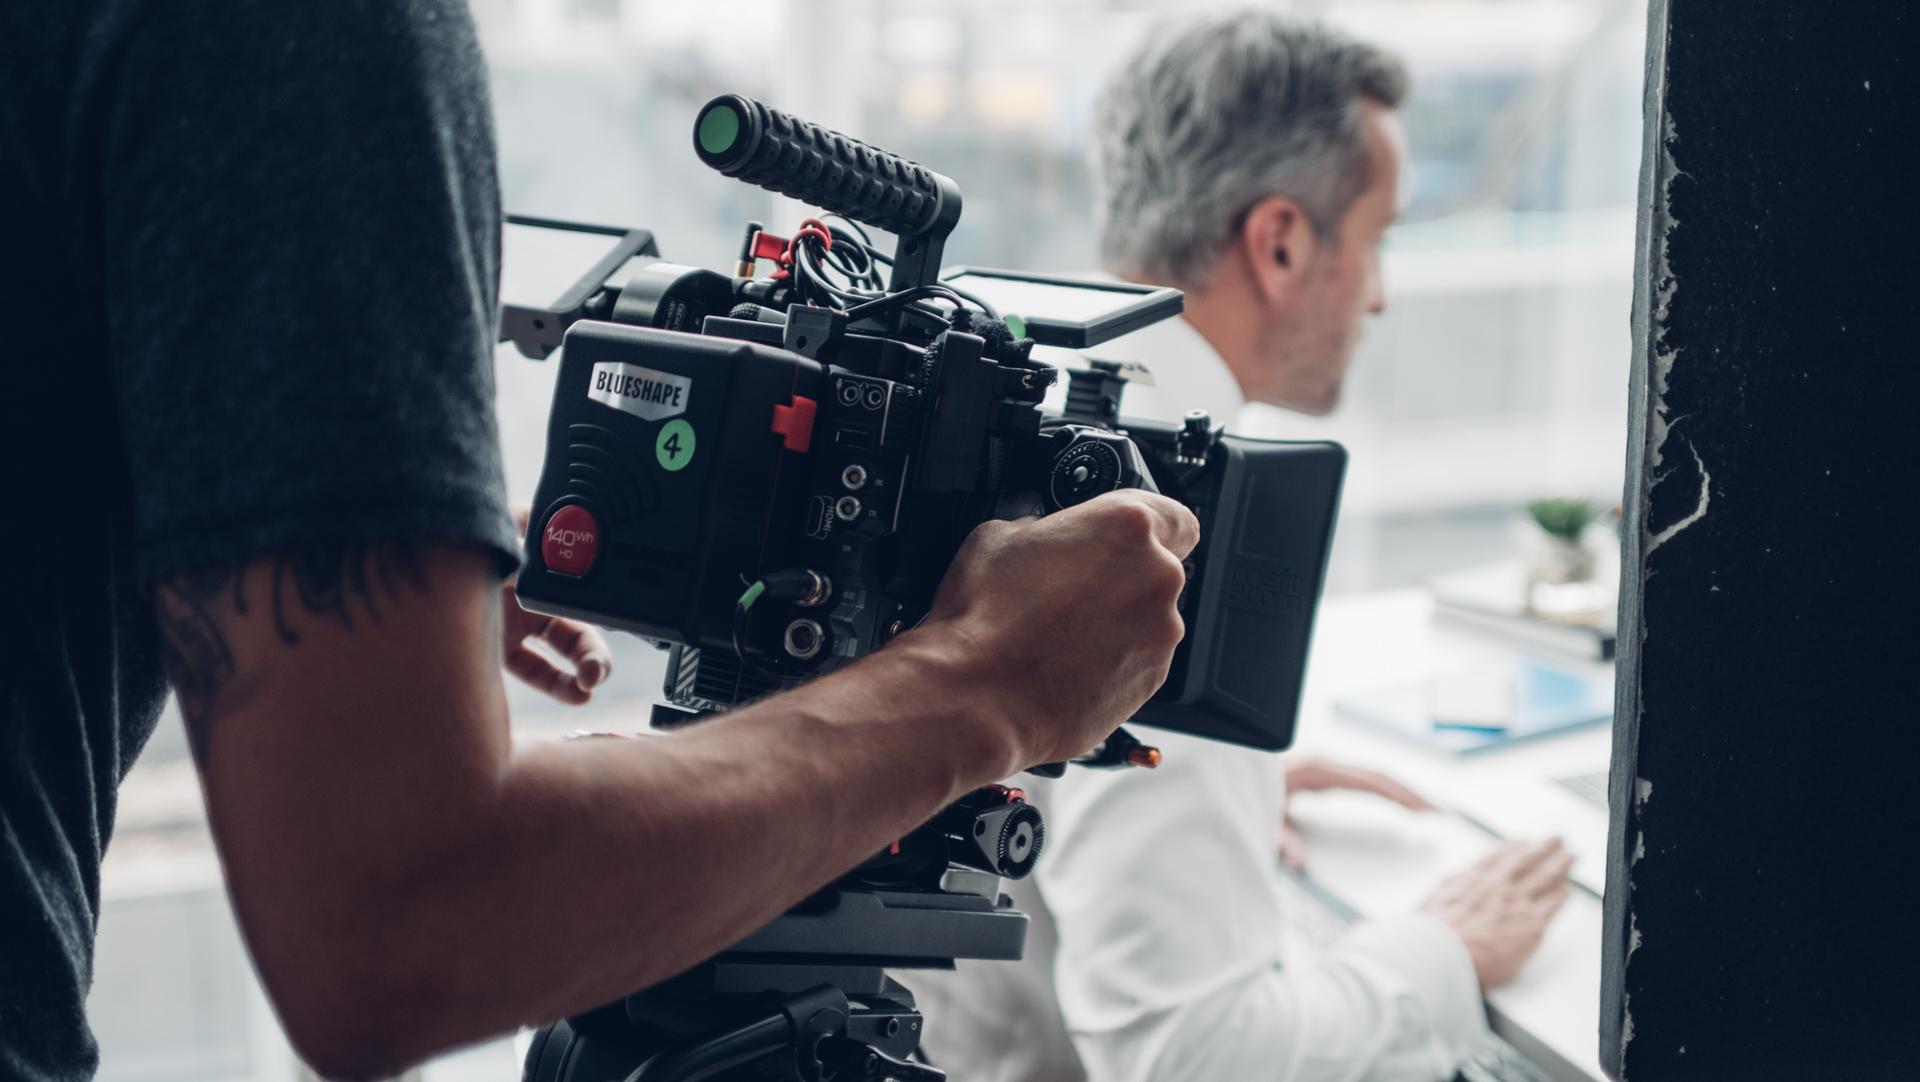 BlueshapeがGranite Miniバッテリーを発売 - シネマカメラに最適なバッテリー